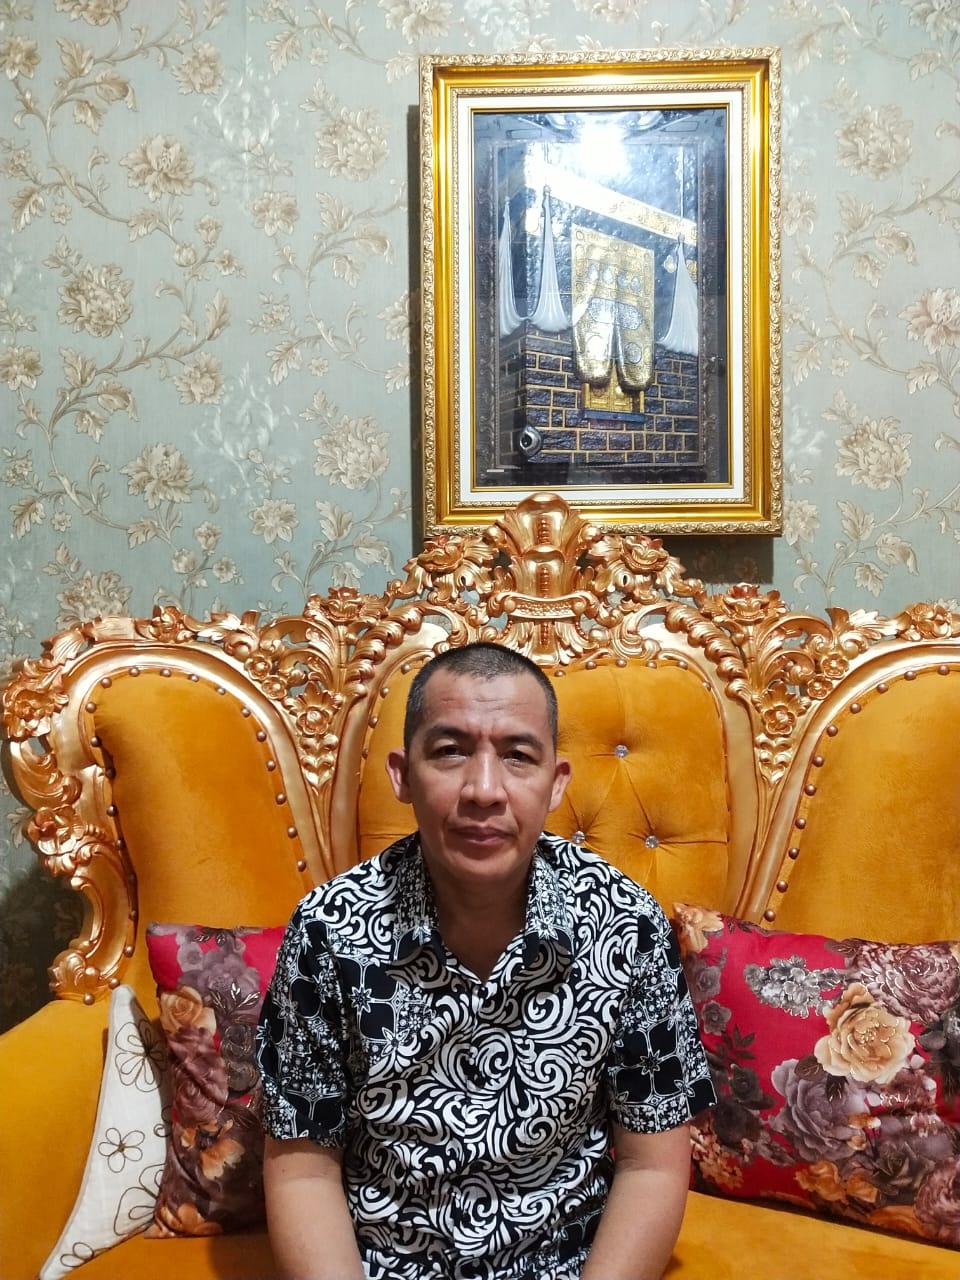 KEPALA DINAS KESEHATAN, Hi.Fatoni,S.K)ep.,M.M. telah dikonfirmasi dari Dinas Kesehatan Provinsi Lampung